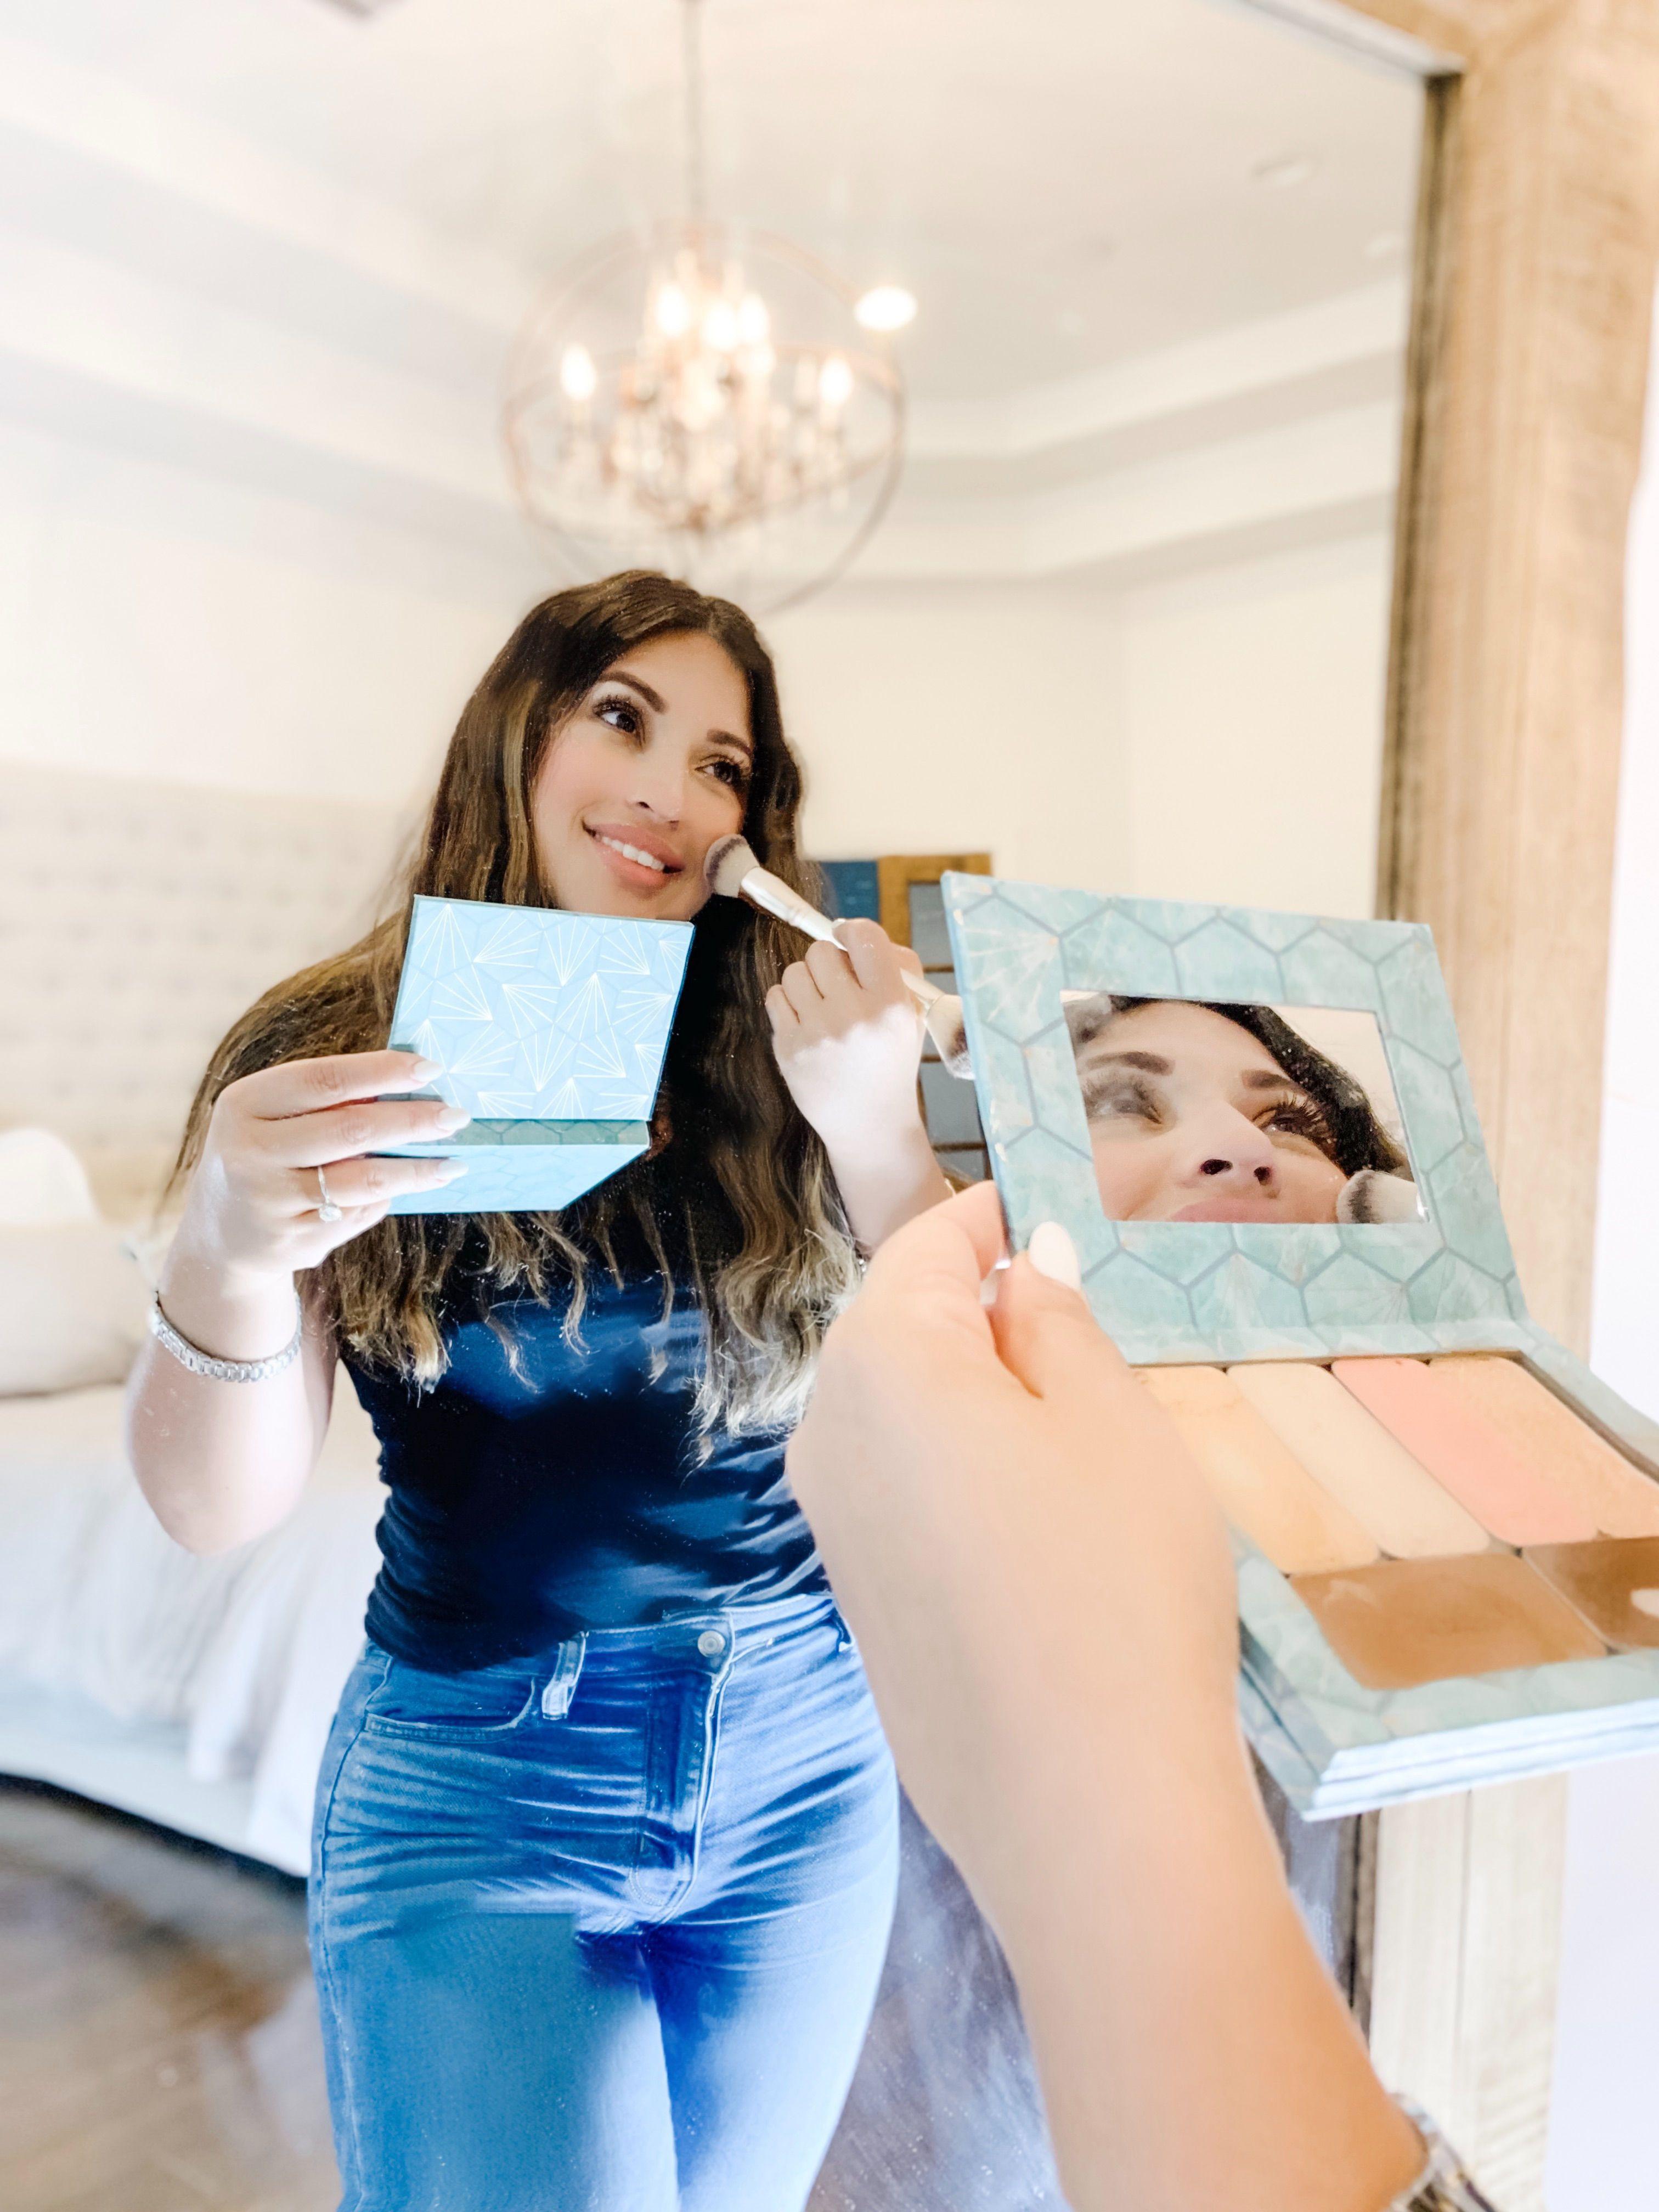 Maskcara Beauty Makeup For A Fast Routine Maskcara